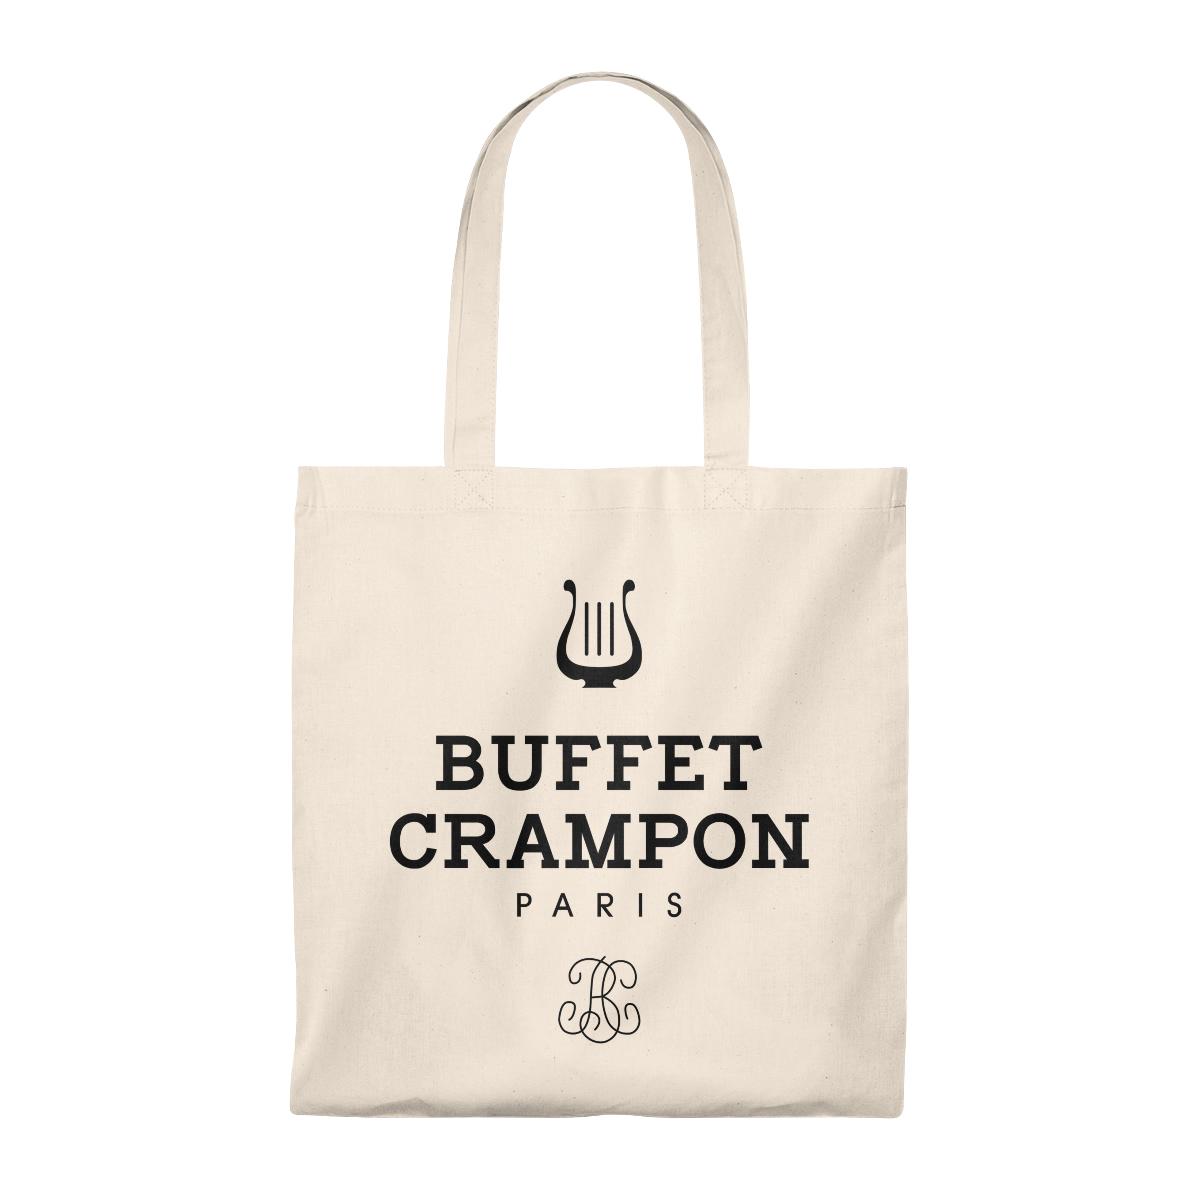 Buffet Crampon Tote Bag